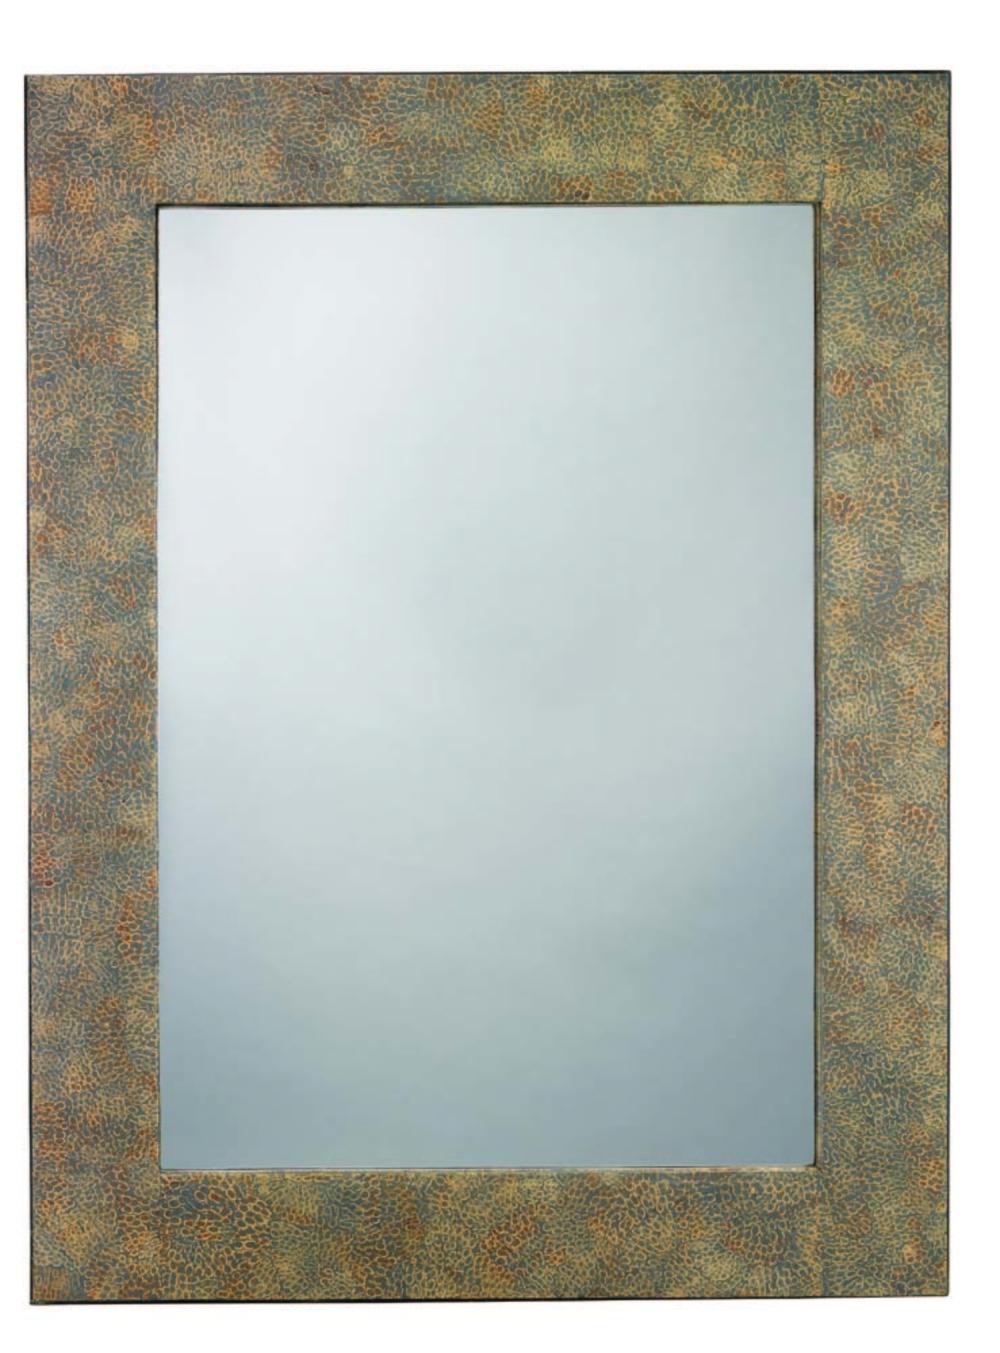 Jamie Young - Rectangular Mirror